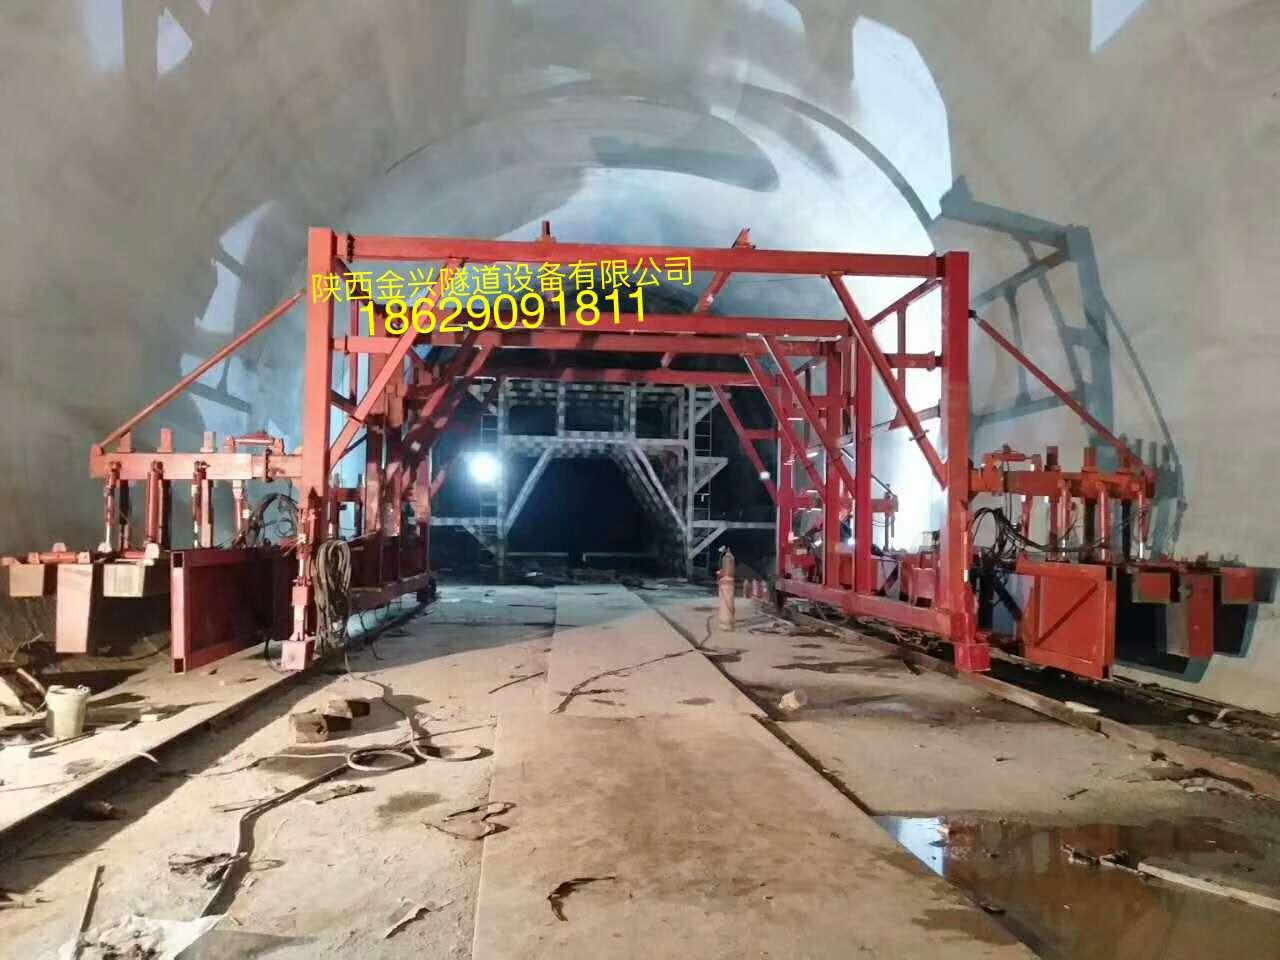 中交一公局五公司山西龙城高速公路第七施工段